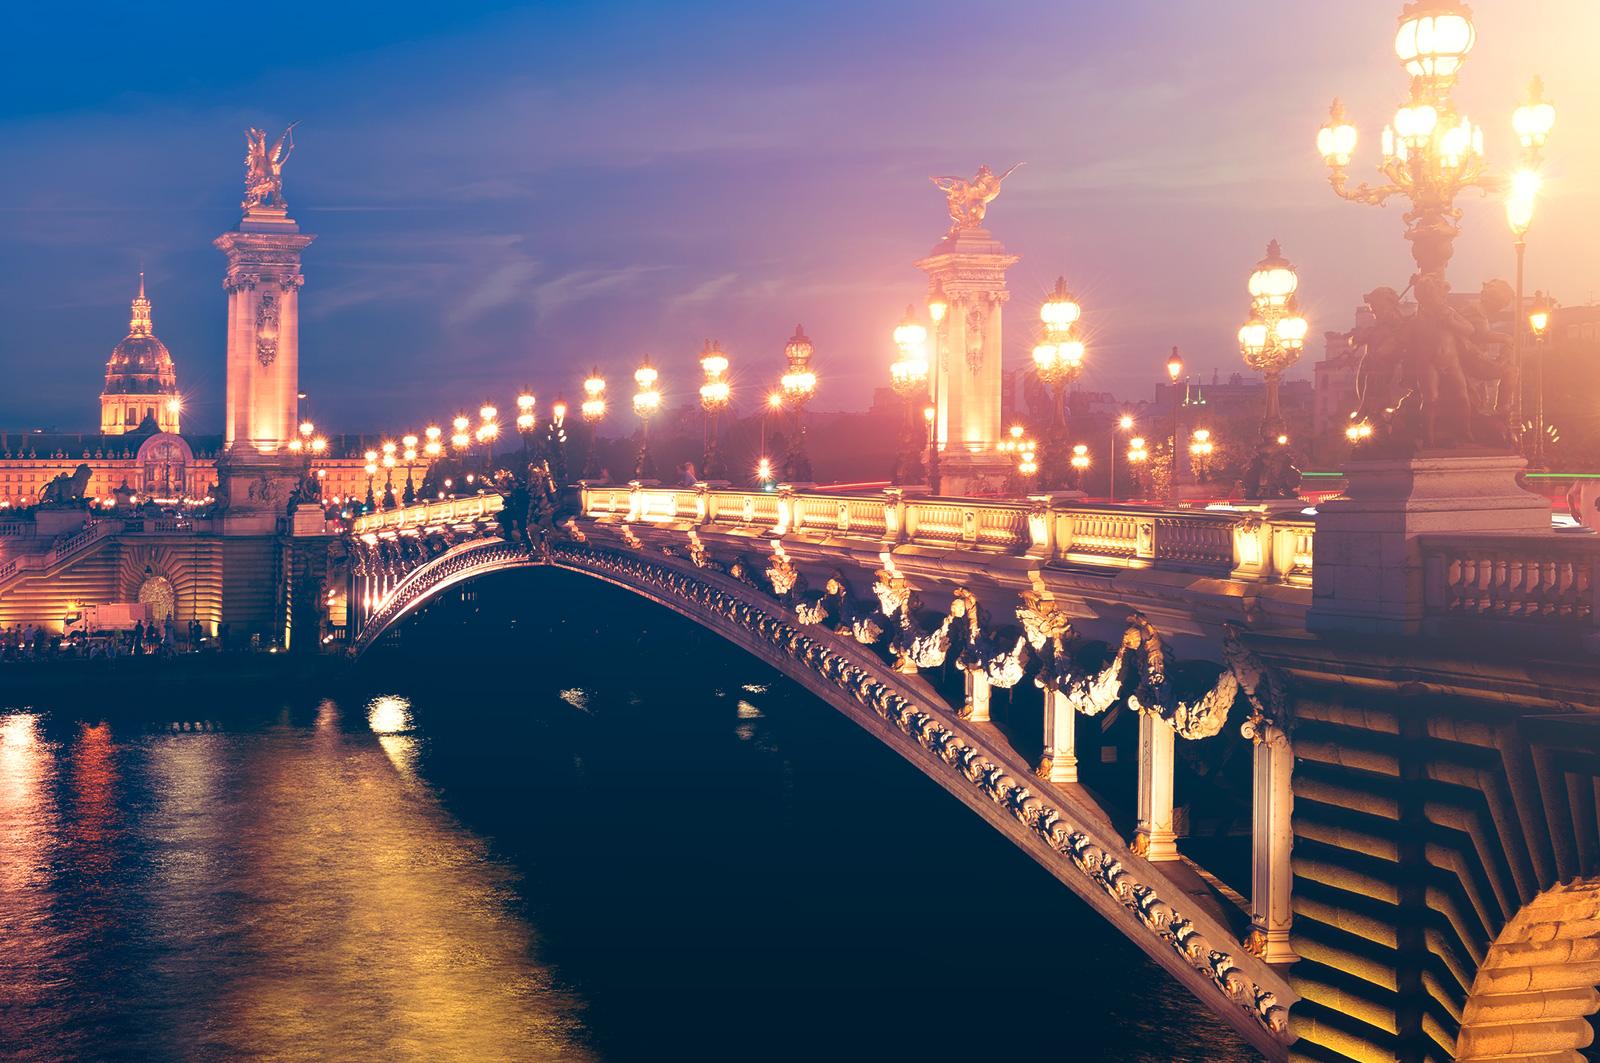 Balades dans Paris Ville lumière Norauto